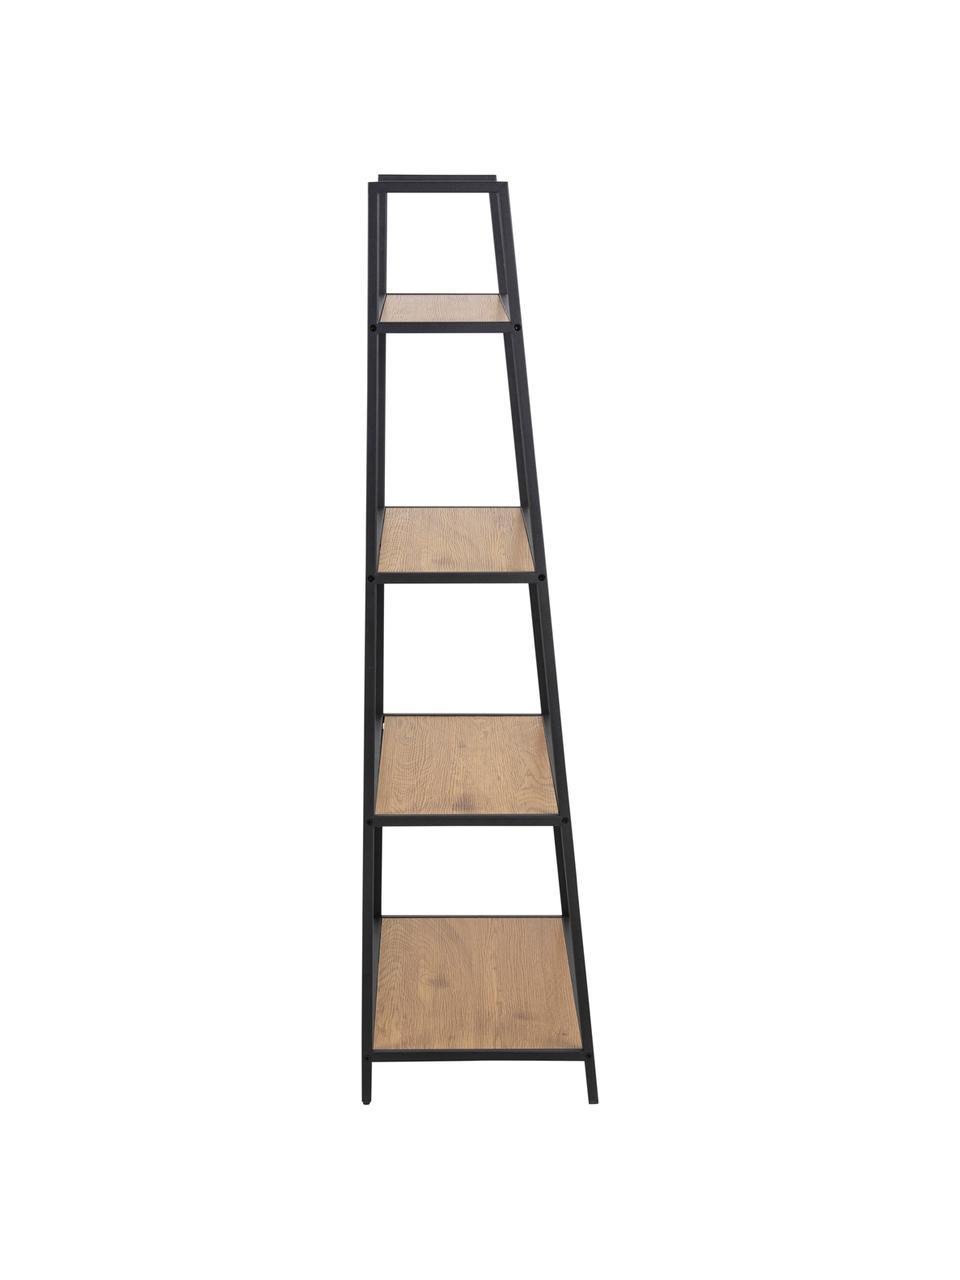 Bücherregal Seaford aus Holz und Metall, Einlegeböden: Mitteldichte Holzfaserpla, Gestell: Metall, pulverbeschichtet, Schwarz, 77 x 138 cm